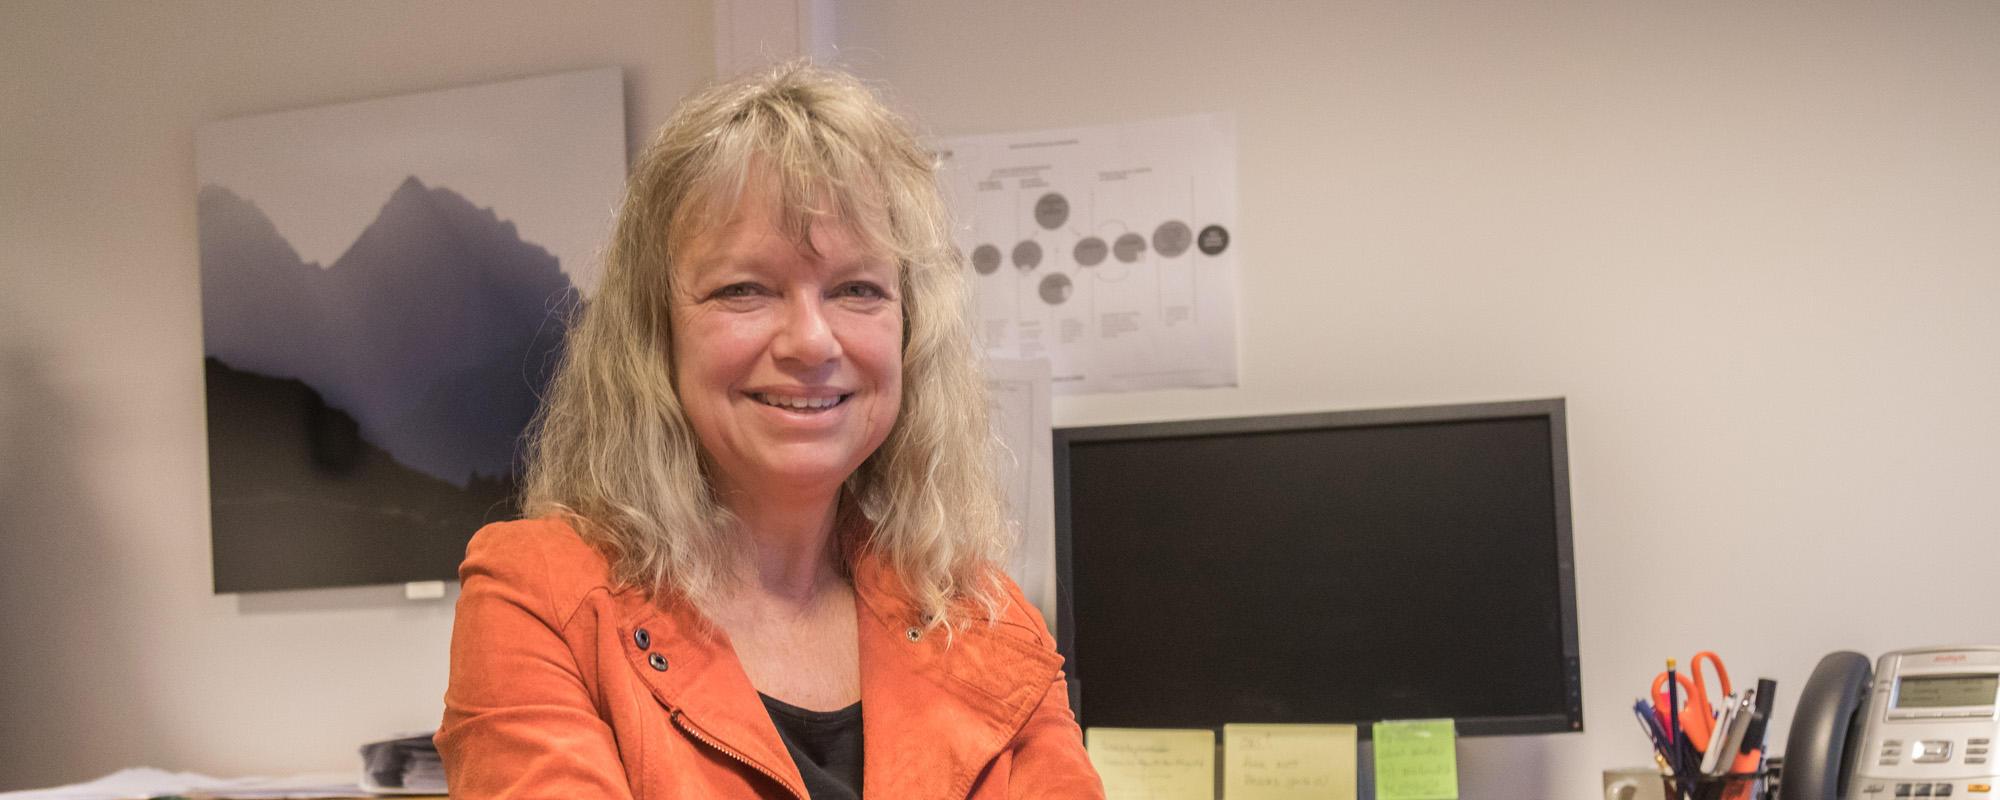 Linn-Heidi Lunde leder et pilotprosjekt som skal teste ut internettbehandling for dem over 50 og som har et risikofylt alkoholforbruk.